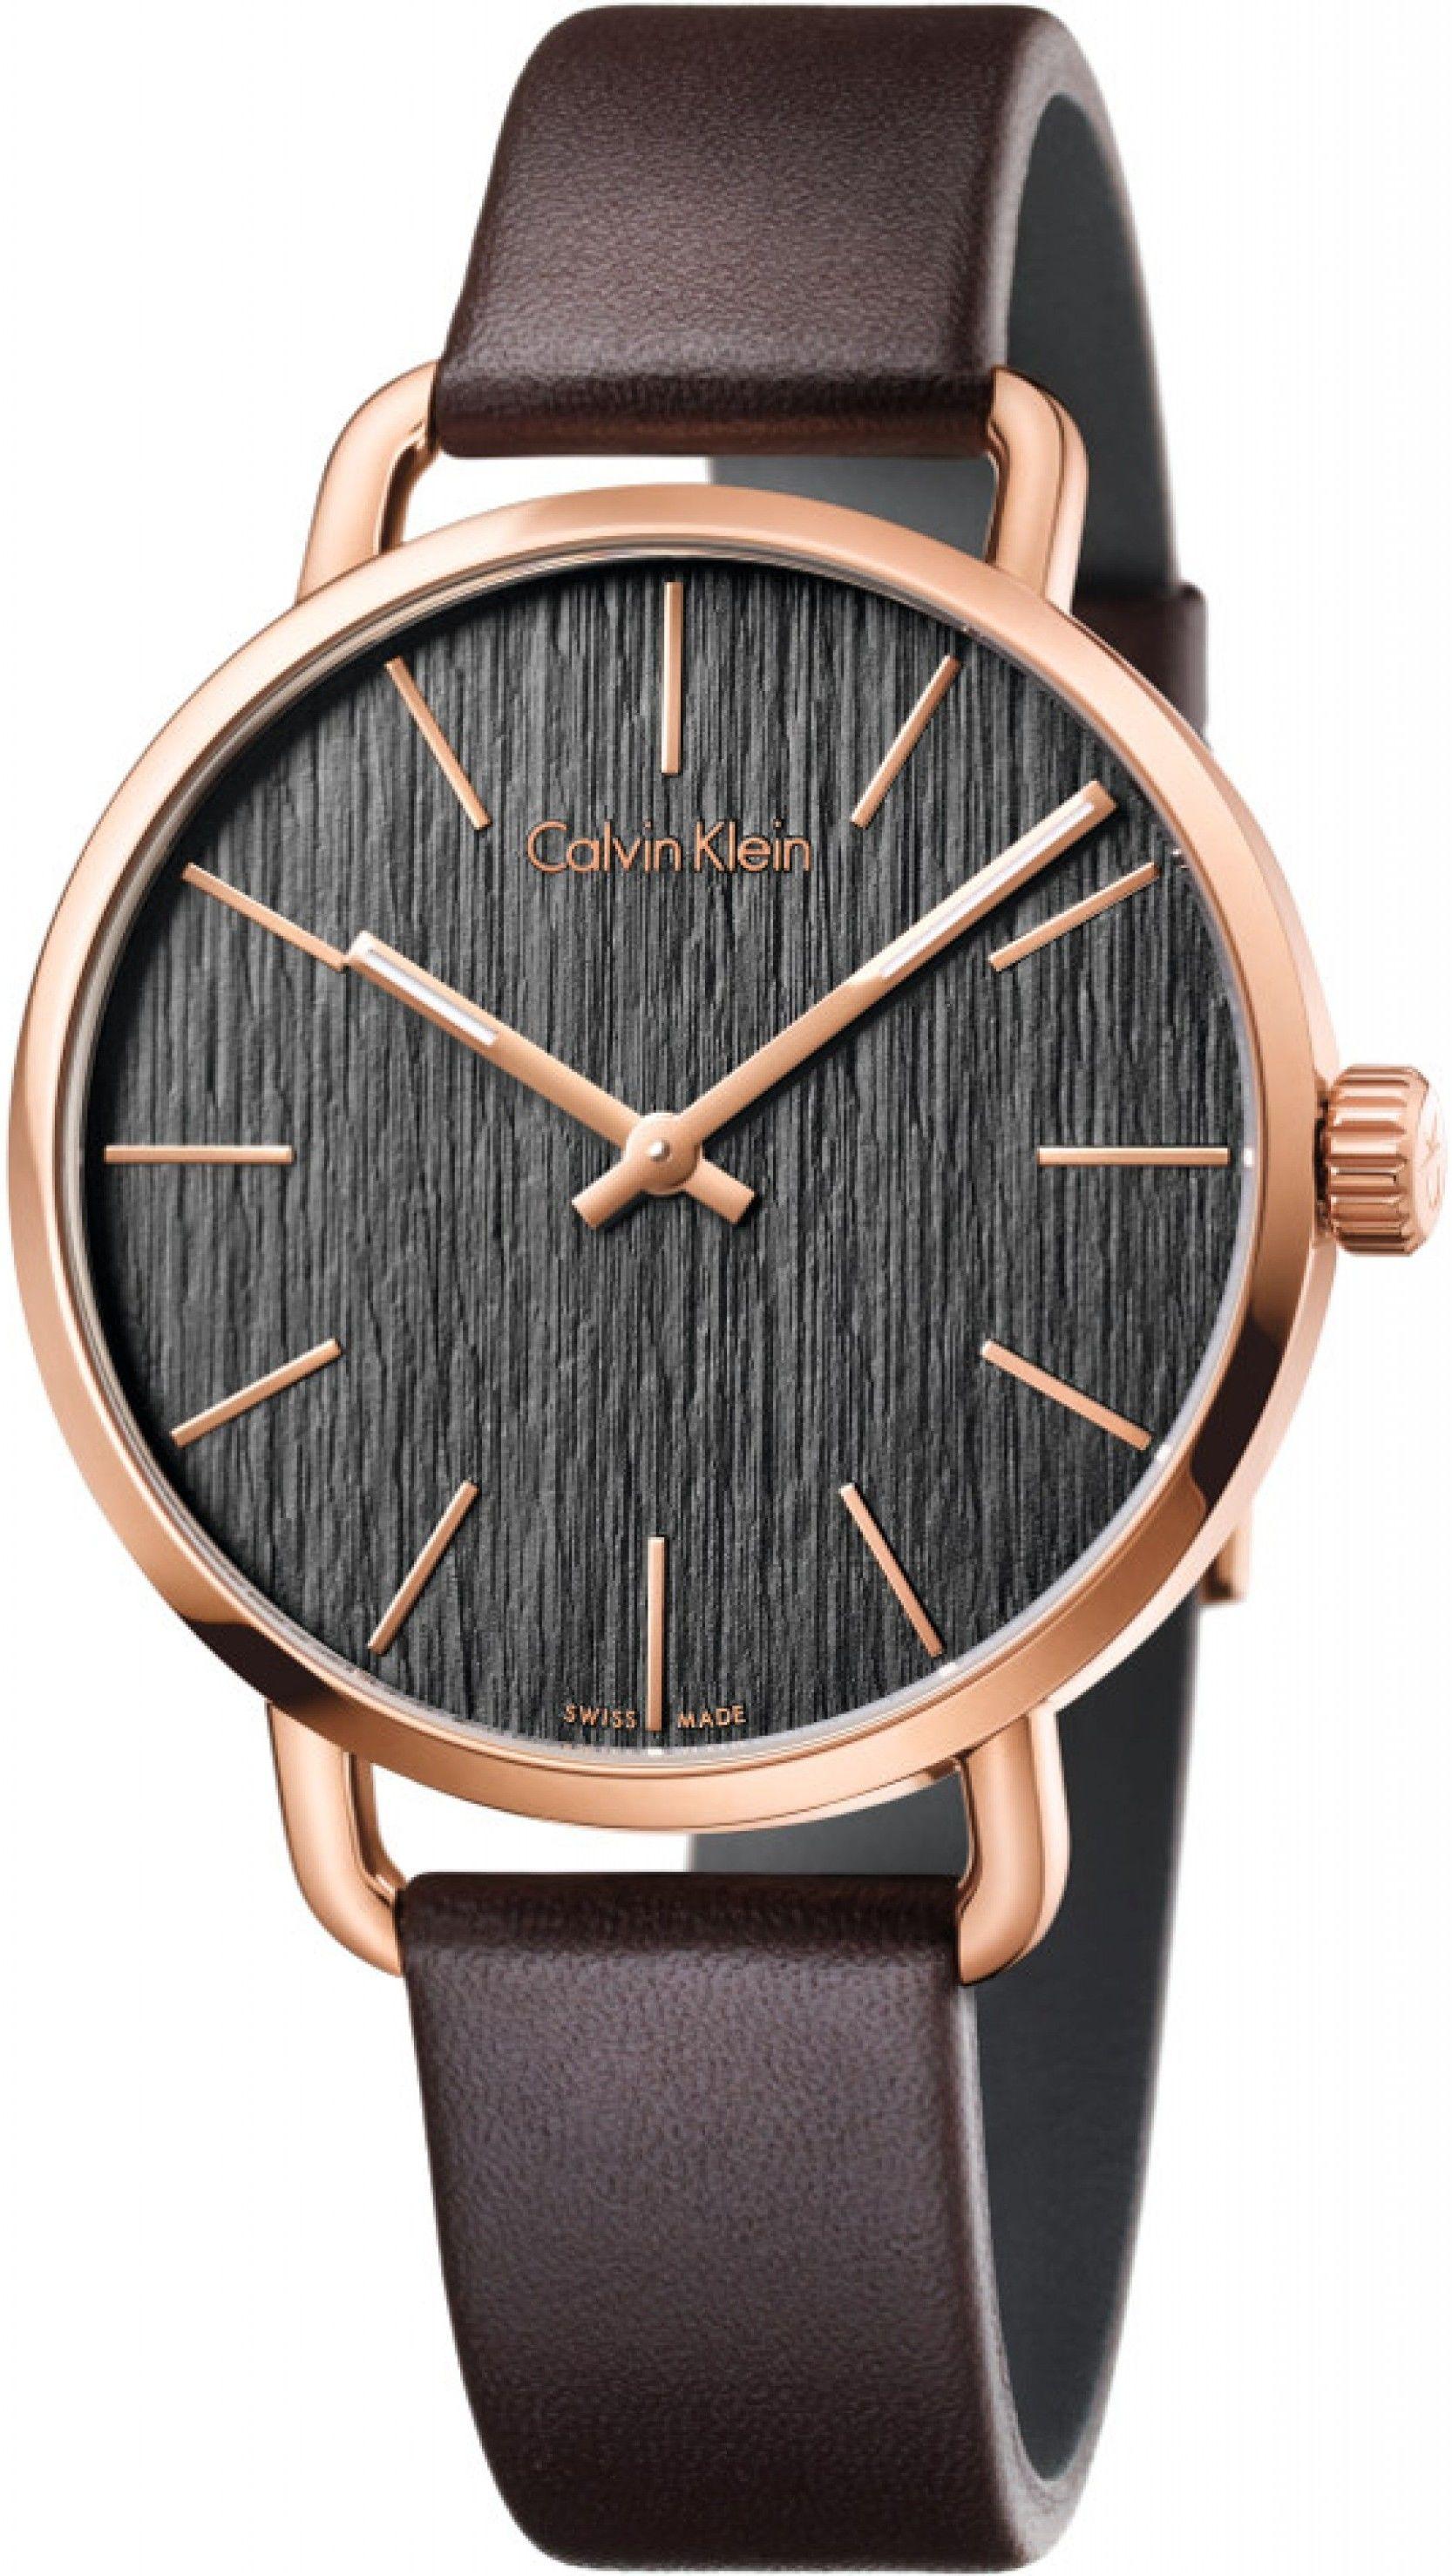 e0c2f518c Calvin Klein Even K7B216G3. Pánské hodinky - kožený řemínek, ocel pouzdro,  minerální sklíčko. Veškeré technické parametry naleznete níže